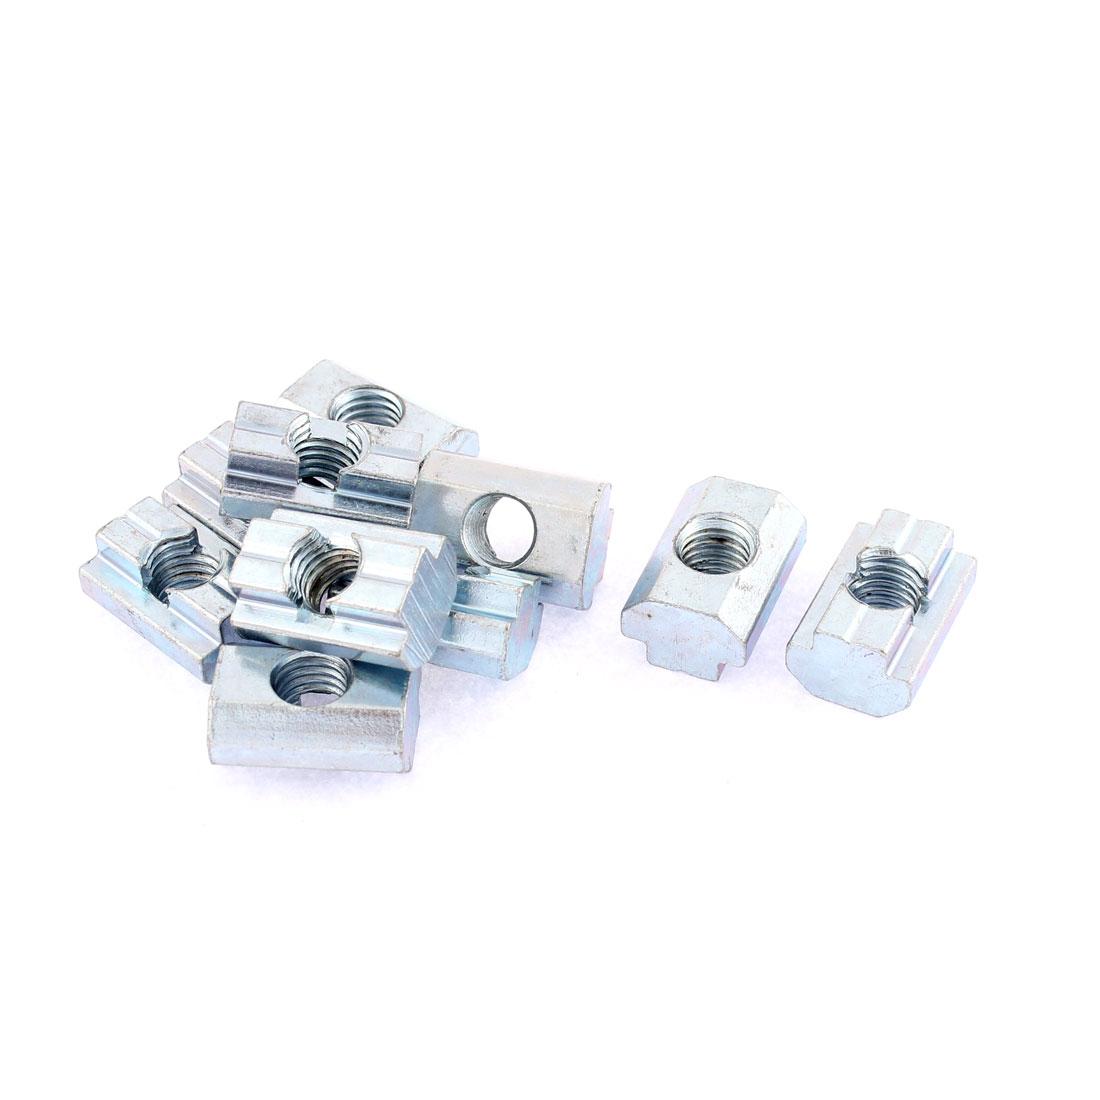 M8 Metal T-slot Nut Sliding Block Slot Nuts Silver Tone 10pcs